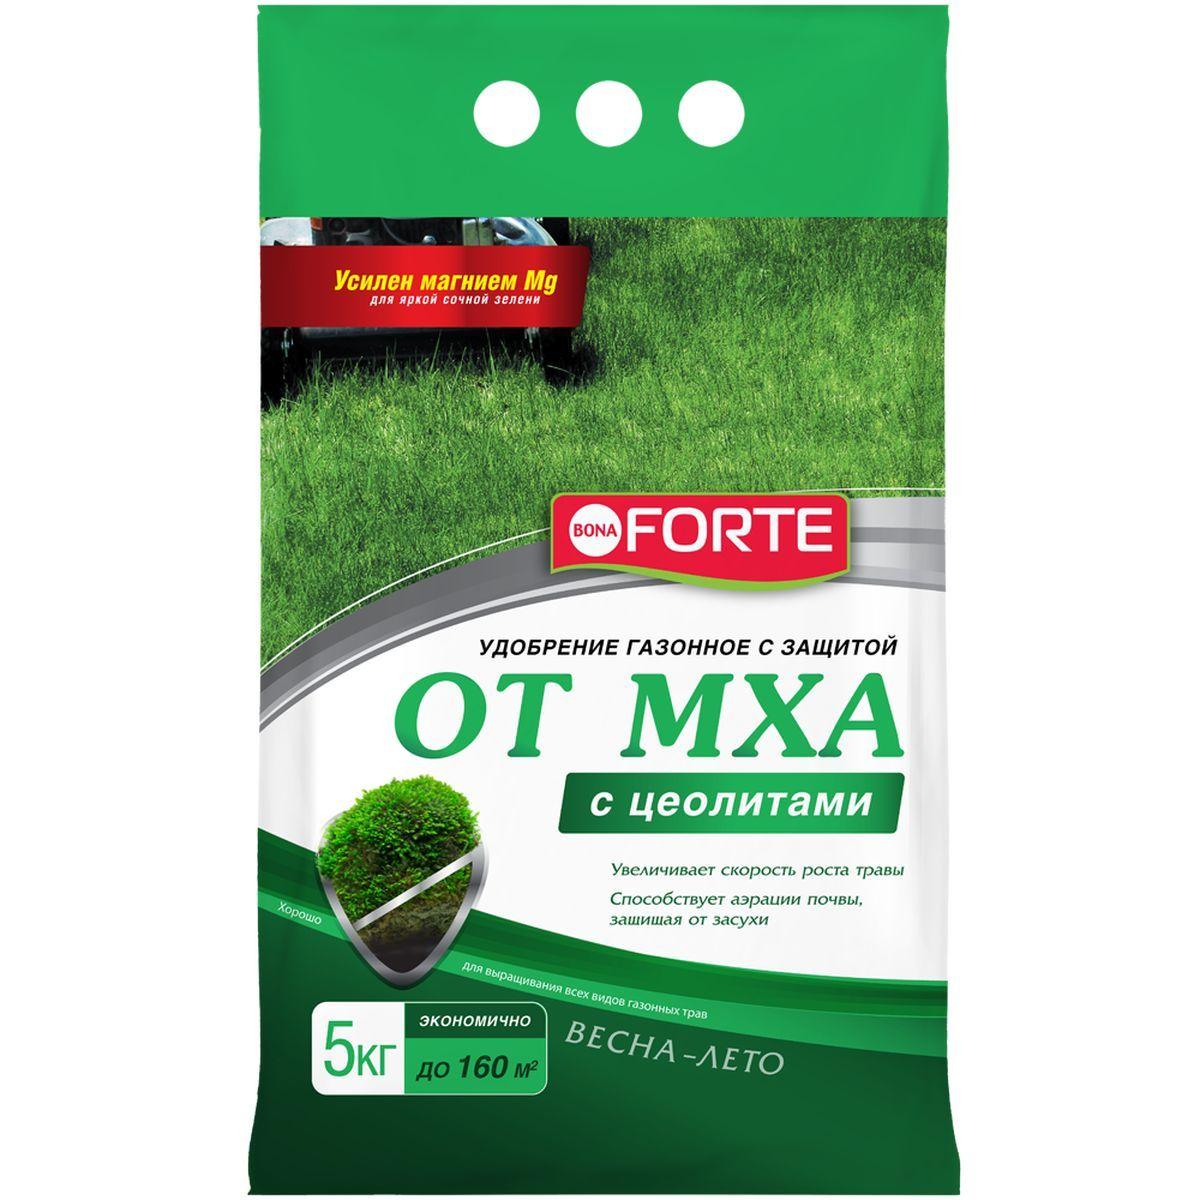 Удобрение Bona Forte, для газона, от мха, 5 кг531-402Для применения в затененных, ослабленных мхом газонах.- уничтожает мох на газоне- предотвращает рост мха- обеспечивает питание газона и разрыхление почвы- придает газону насыщенный зеленый цвет